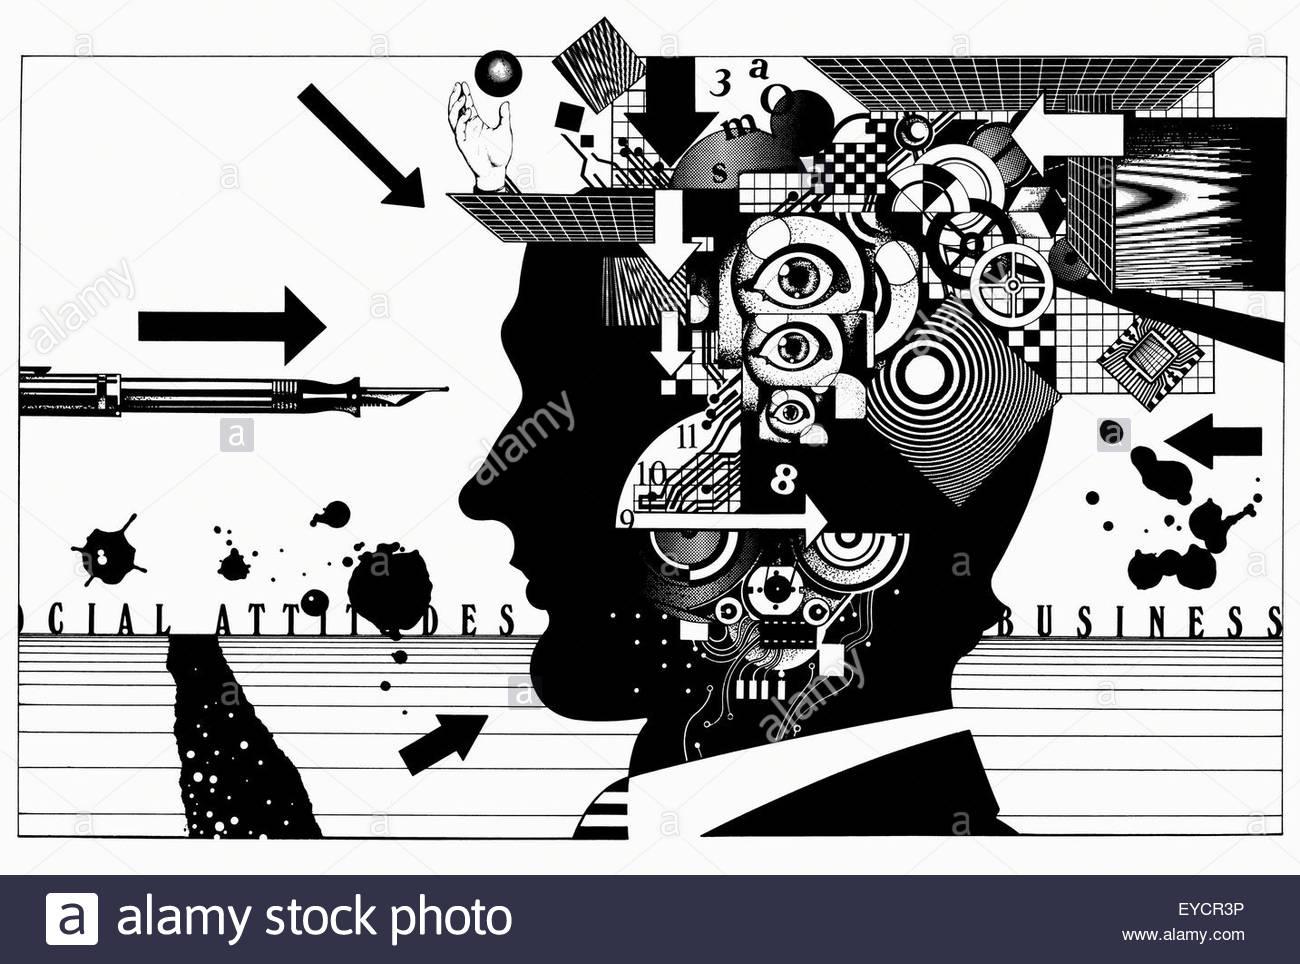 Disegno complesso di ruote dentate, puzzle, schede di circuito e bulbi oculari all'interno di imprenditore il Immagini Stock